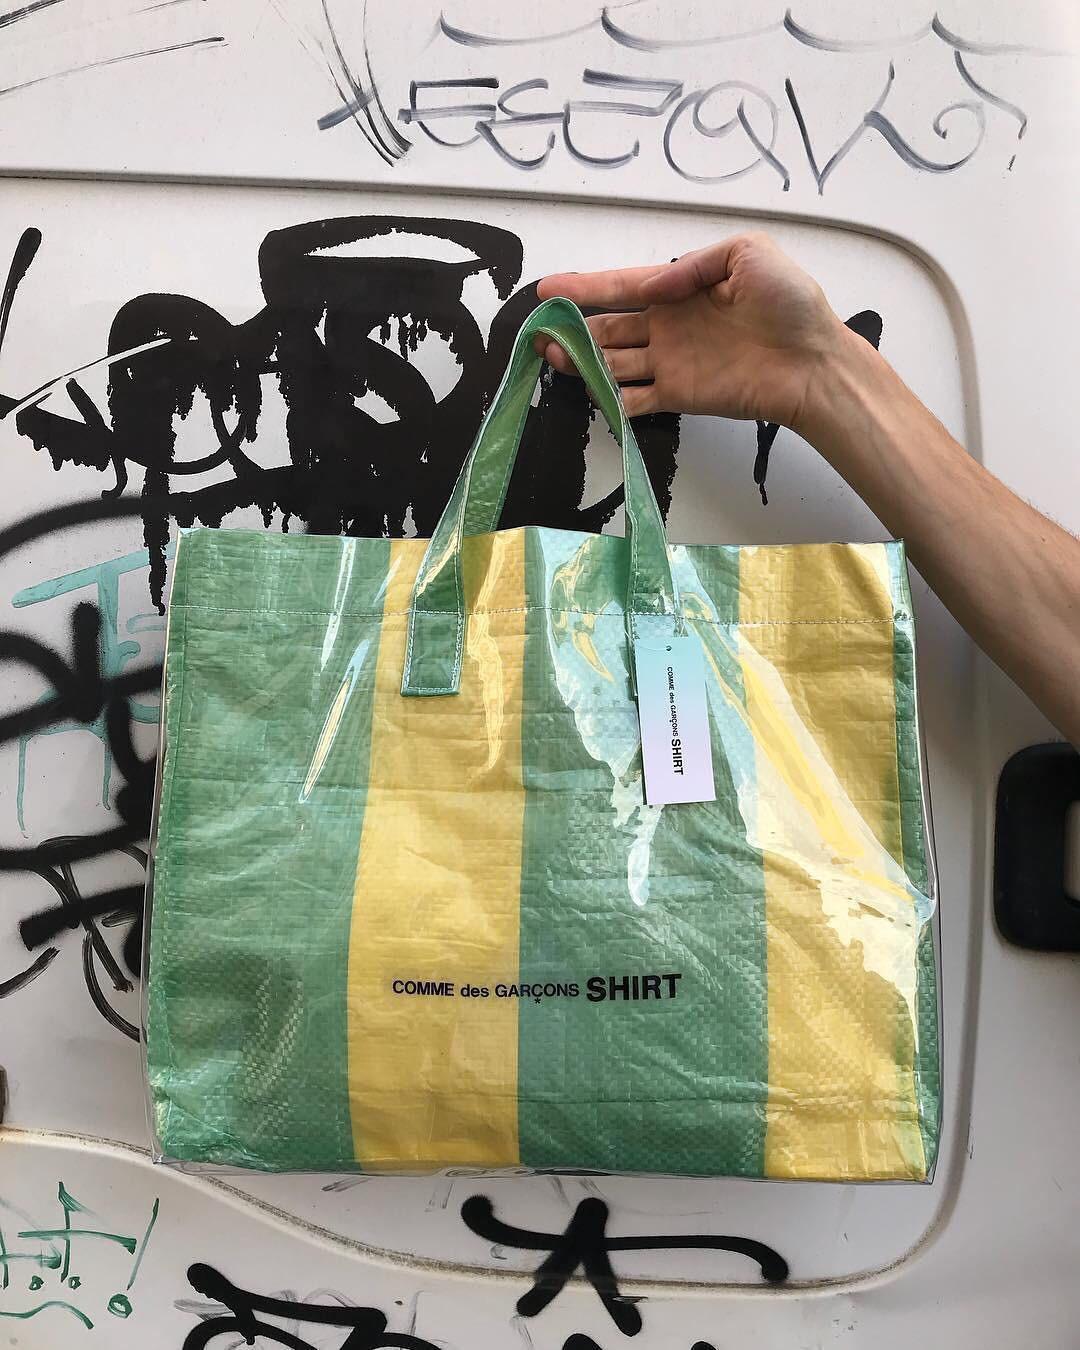 Hơn 10 triệu đồng là giá mẫu túi mới của Comme Des Garcons, và nhìn nó chẳng khác túi bạt dứa là bao - Ảnh 2.